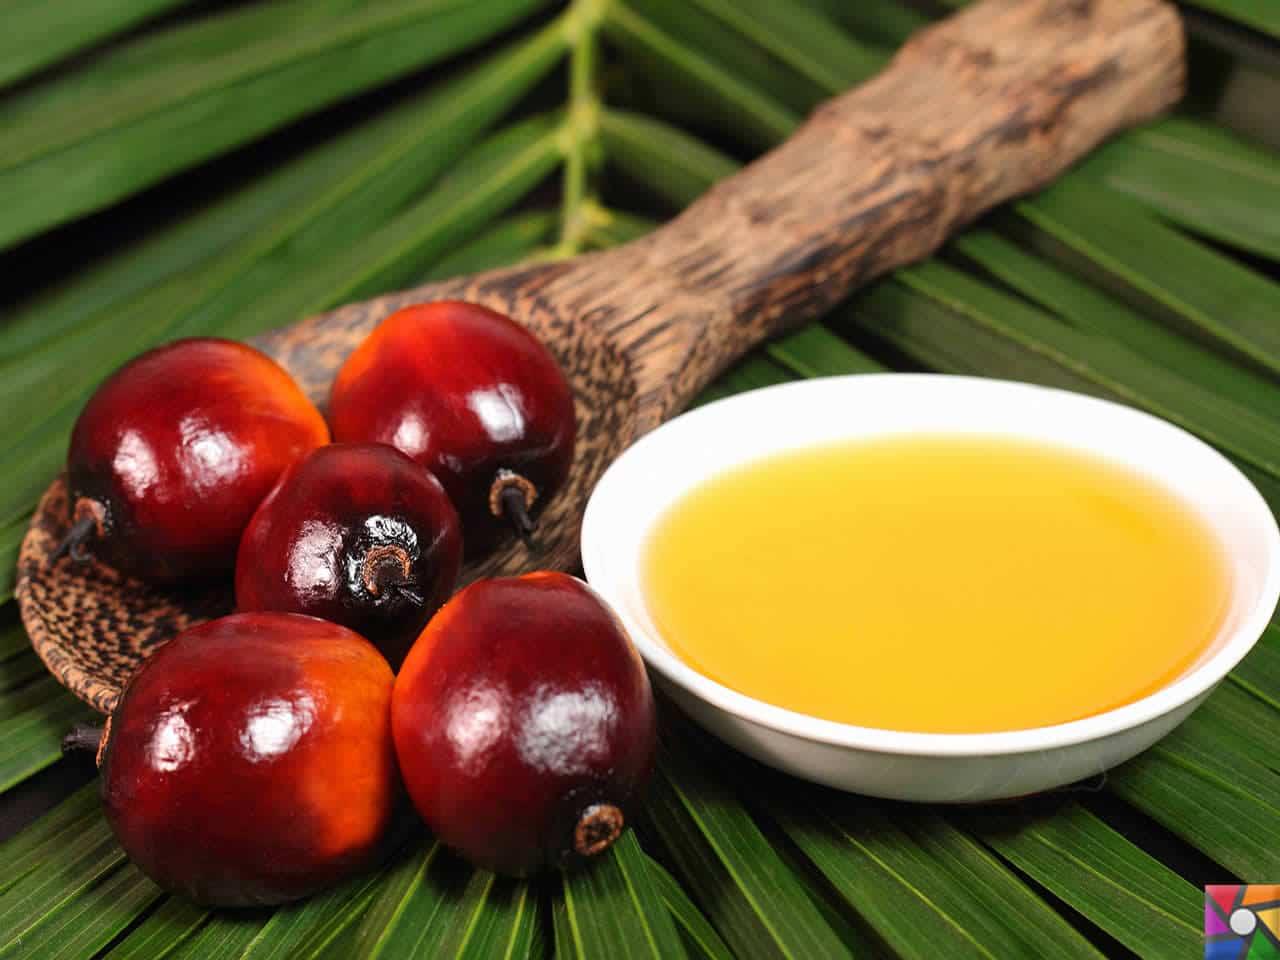 Palm Yağı Zararlı mı